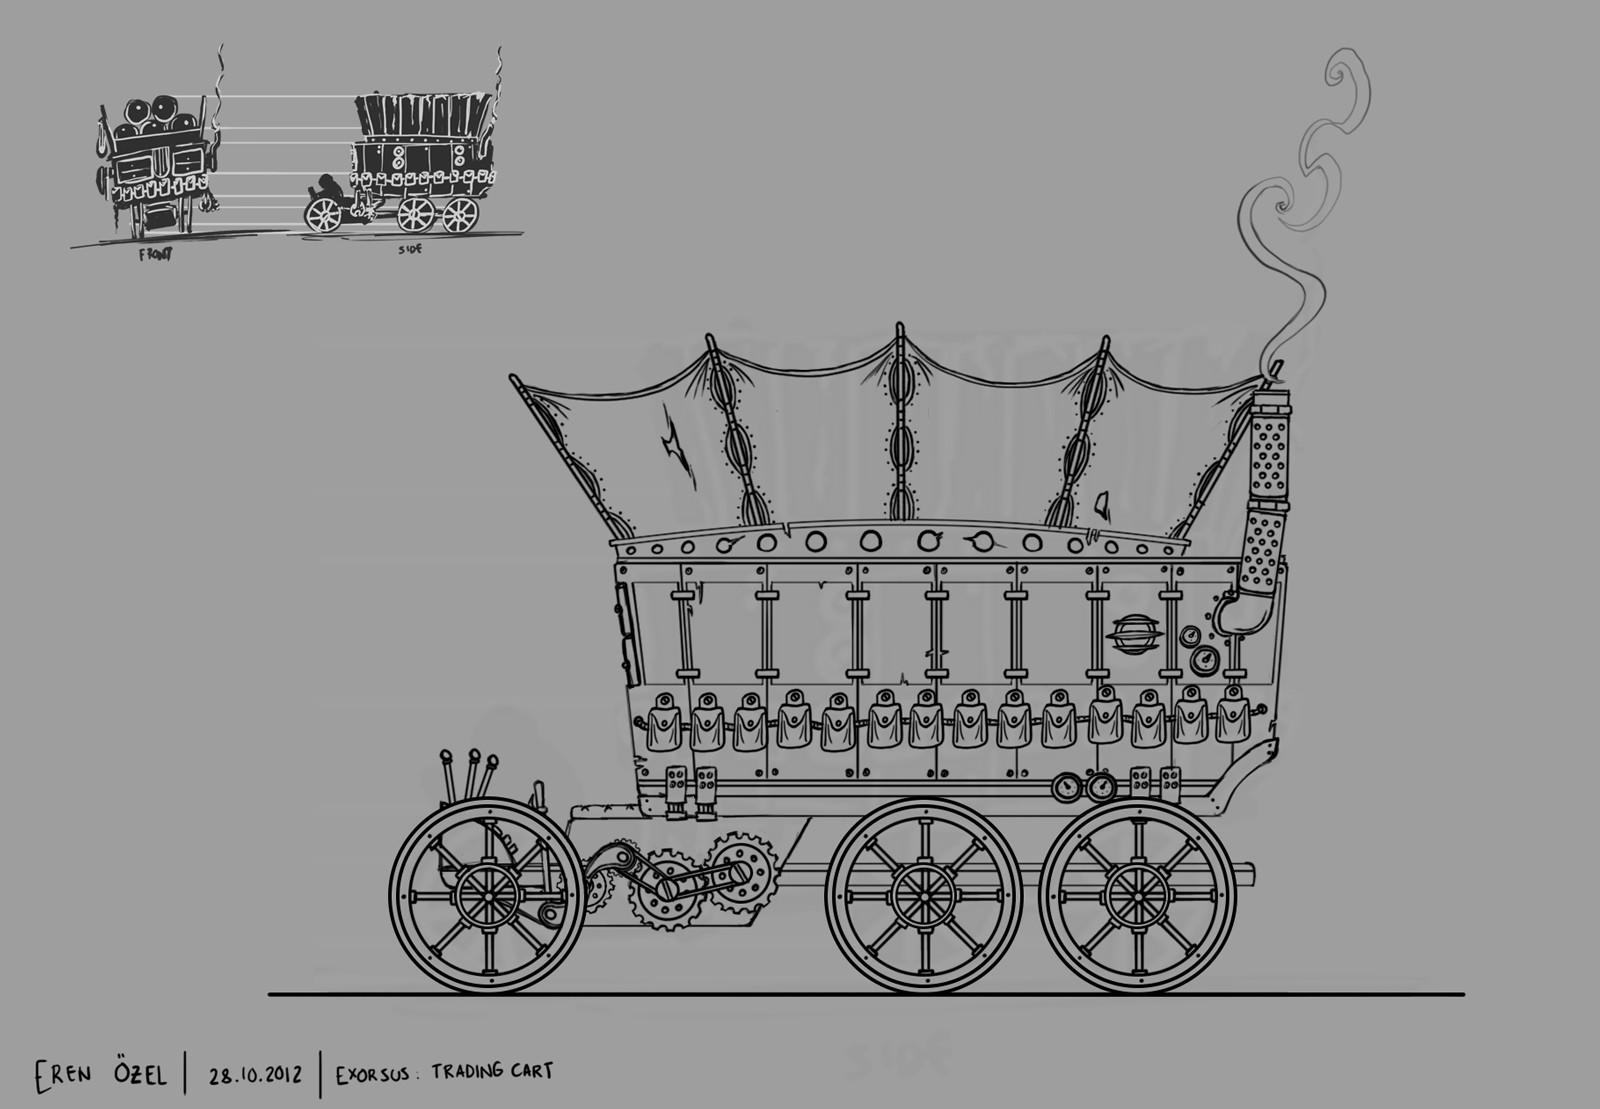 Eren ozel trading cart 1600x1109